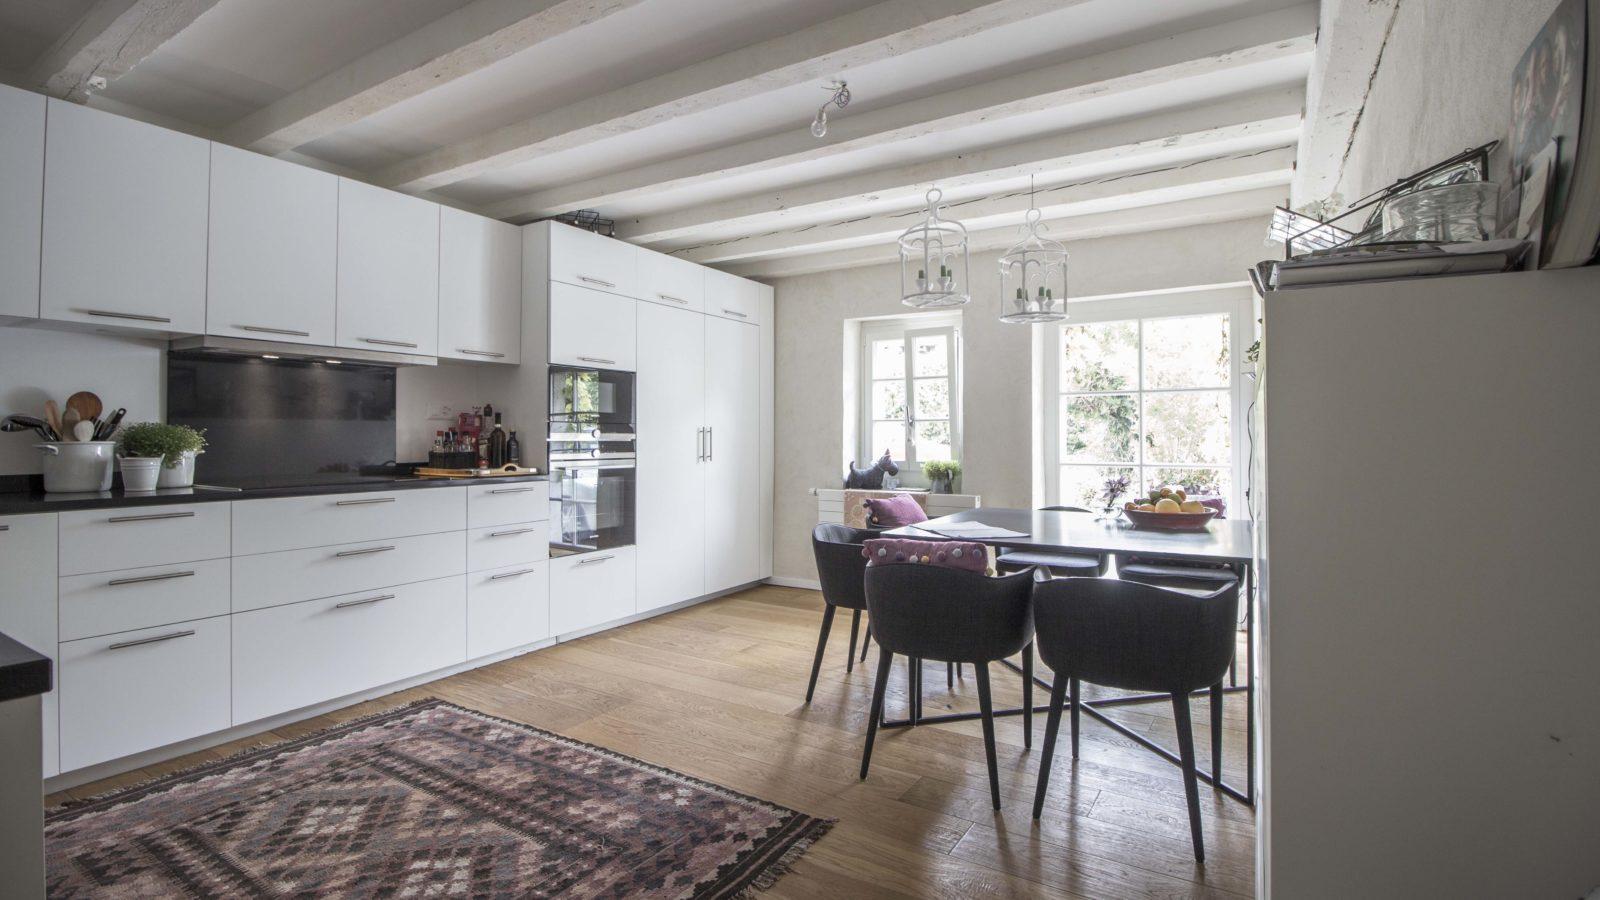 CSDK-Architectes-Renovation-Villagehouse-4